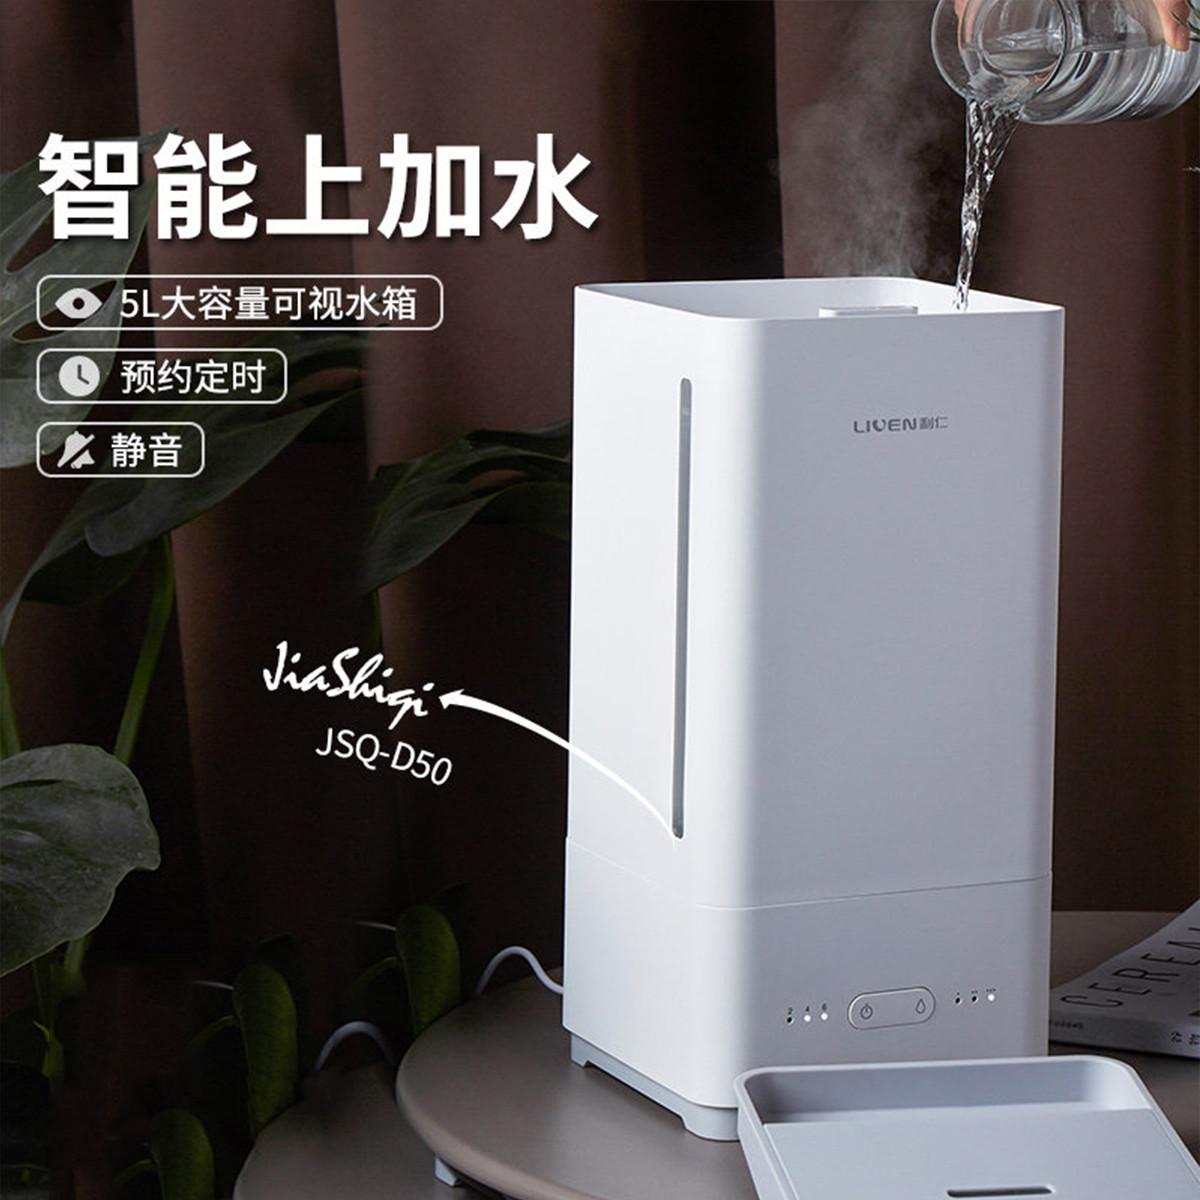 利仁利仁加湿器家用静音卧室孕妇婴儿空气加湿器香薰机JSQ-500JSQ-500